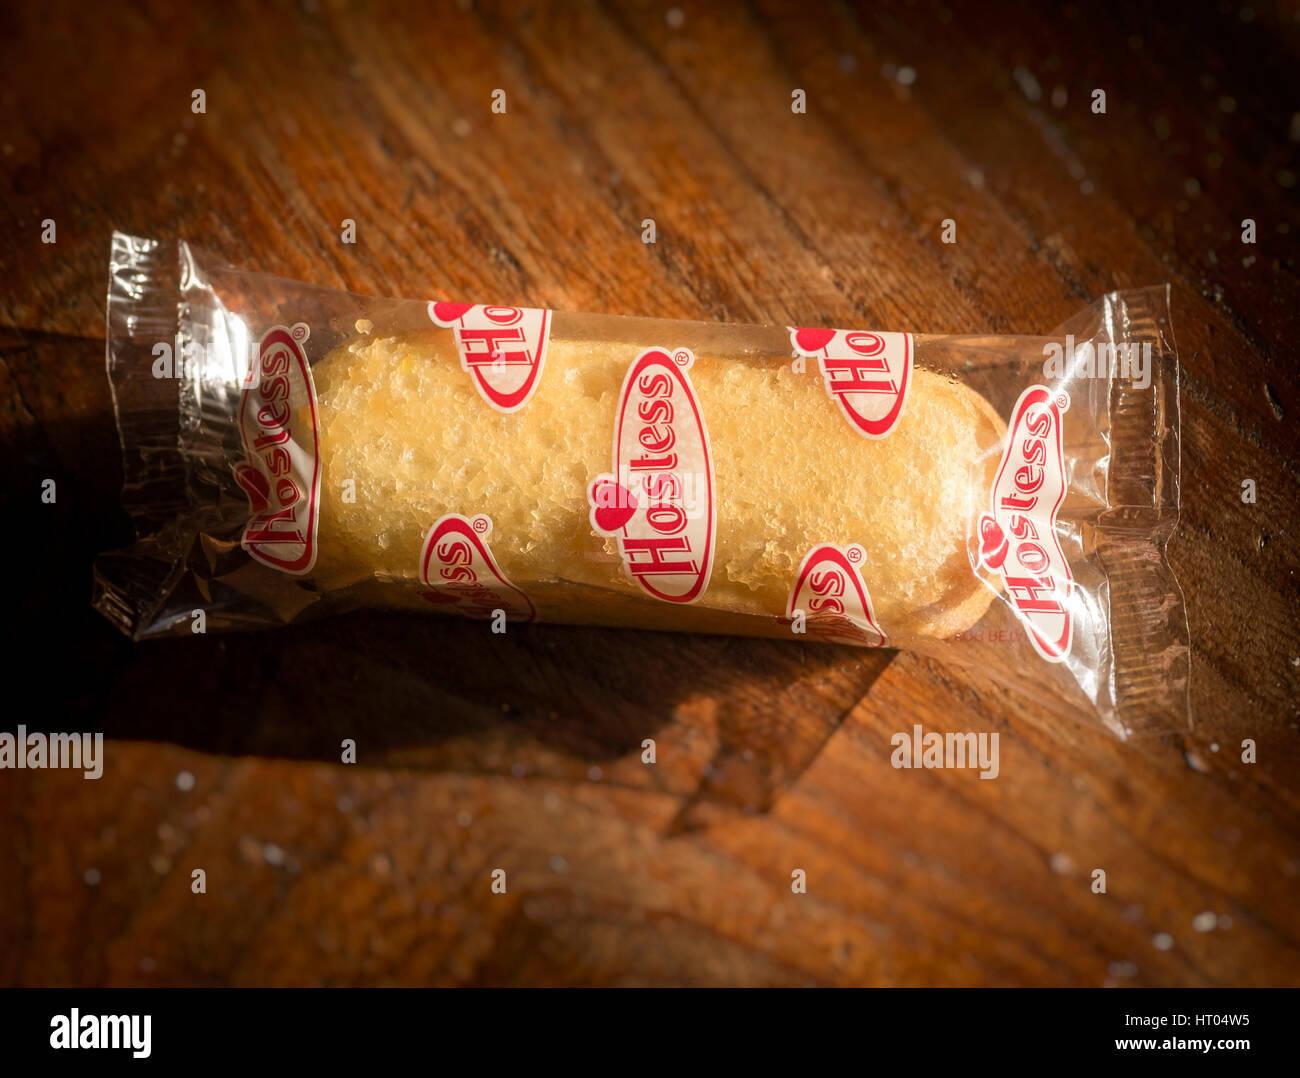 Hostess Twinkie Kuchen Eine Creme Gefullte Kuchen Hergestellt Und